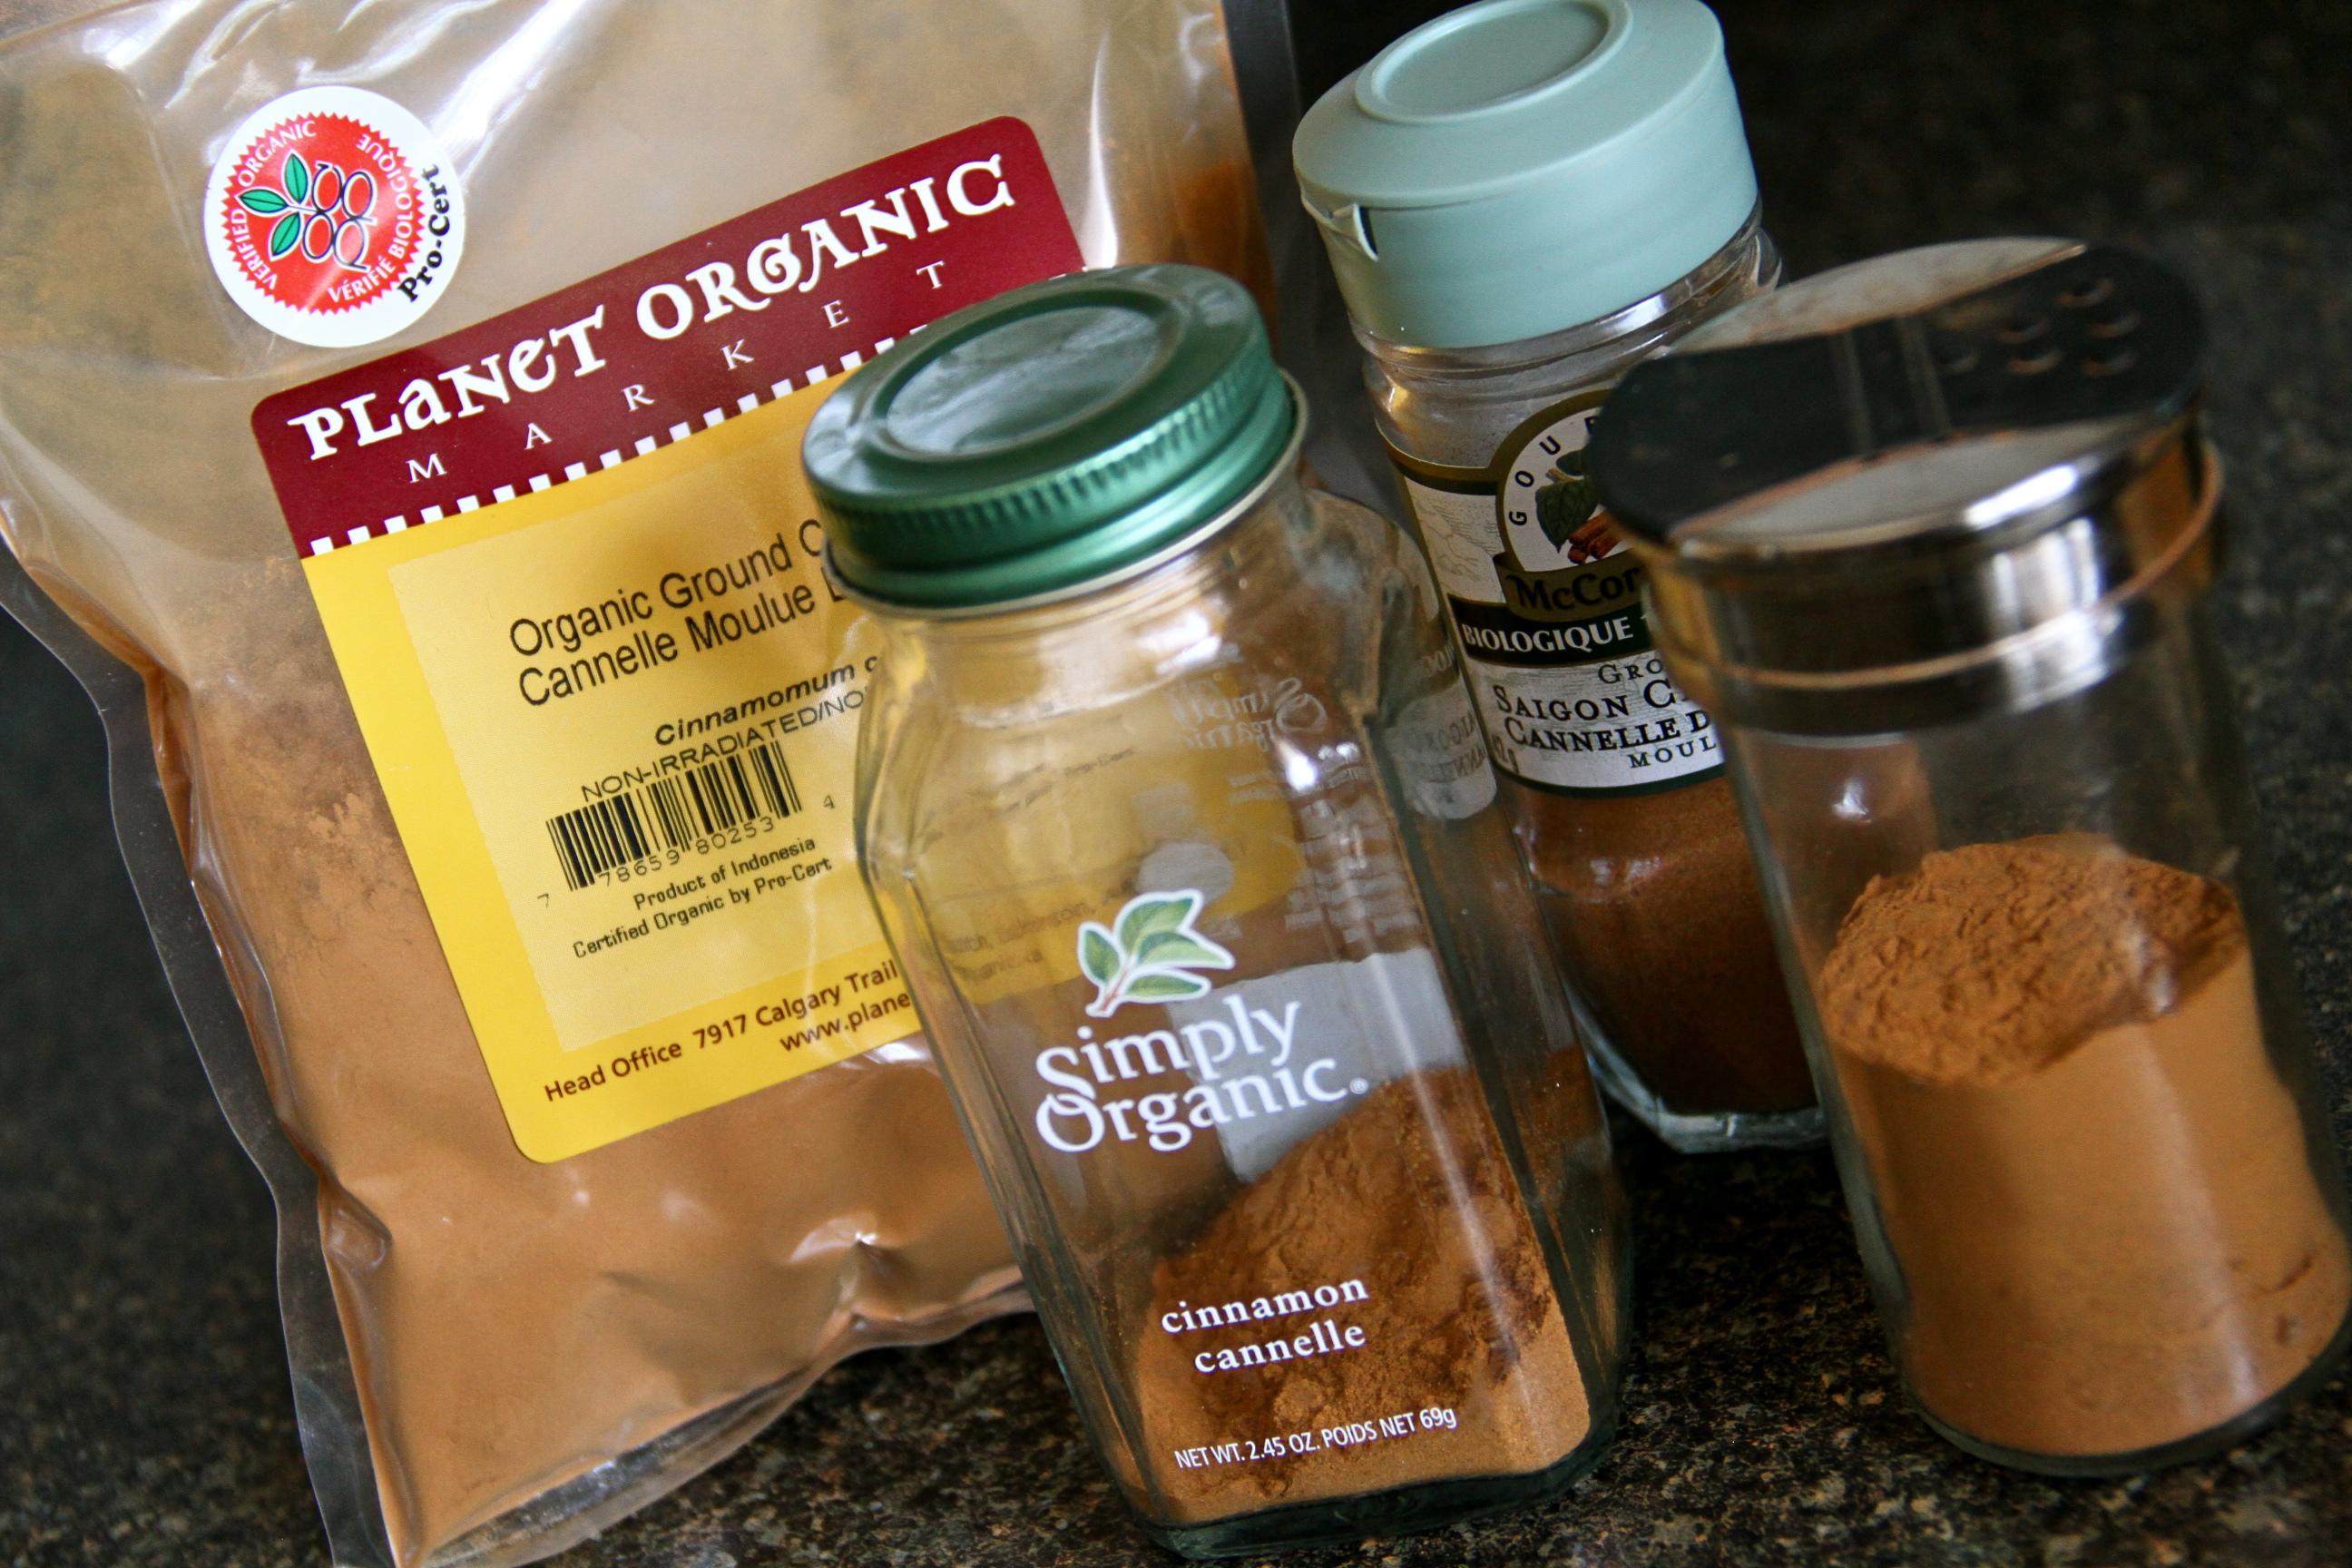 Stockpiling Cinnamon